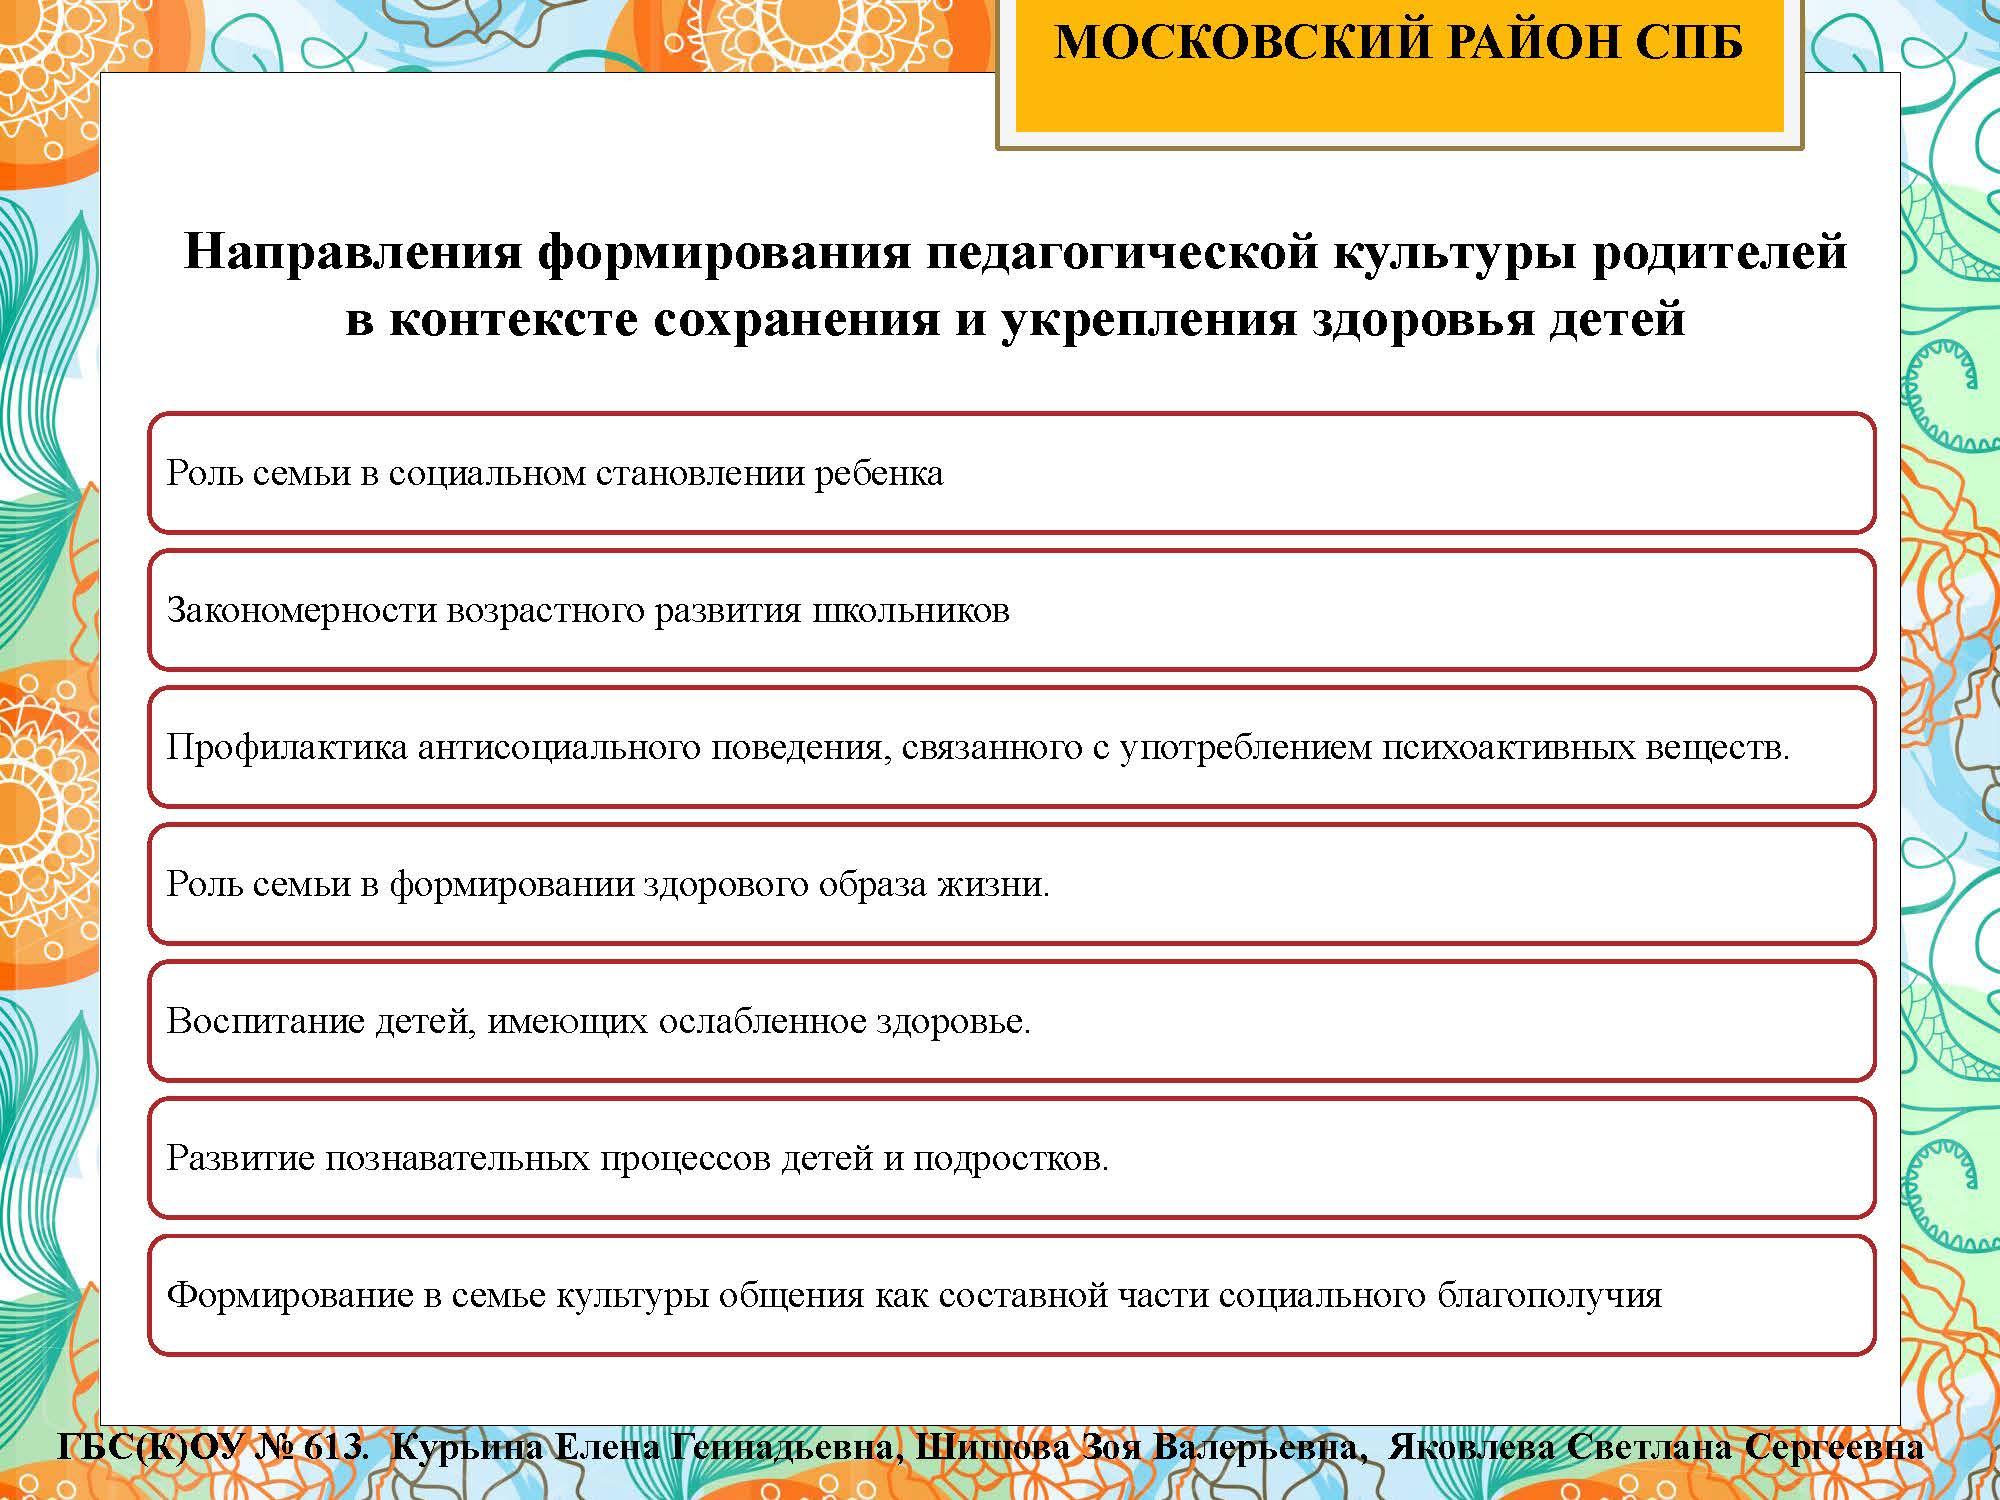 секция 8. ГБС(К)ОУ 613. Московский район_Страница_10